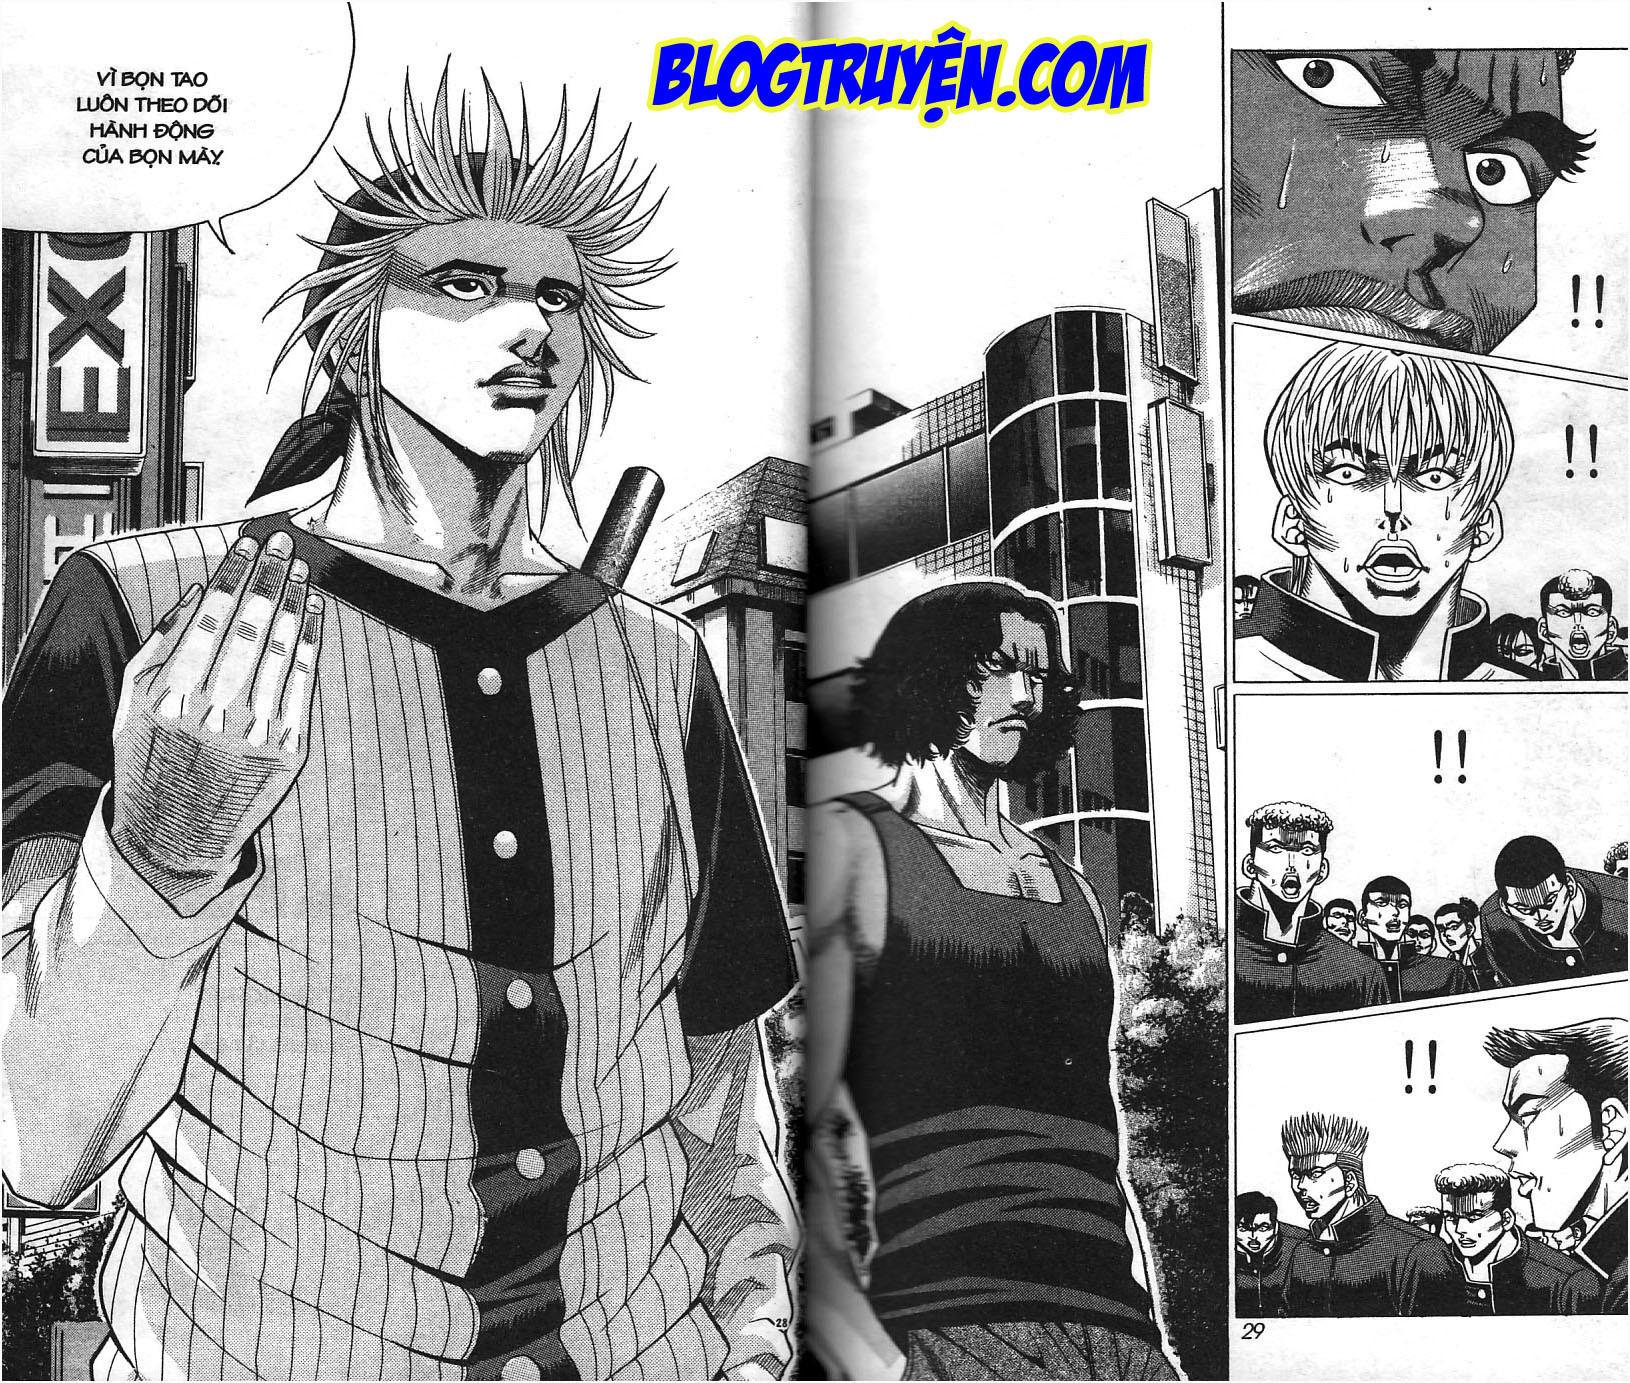 Bitagi - Anh chàng ngổ ngáo chap 65 trang 3